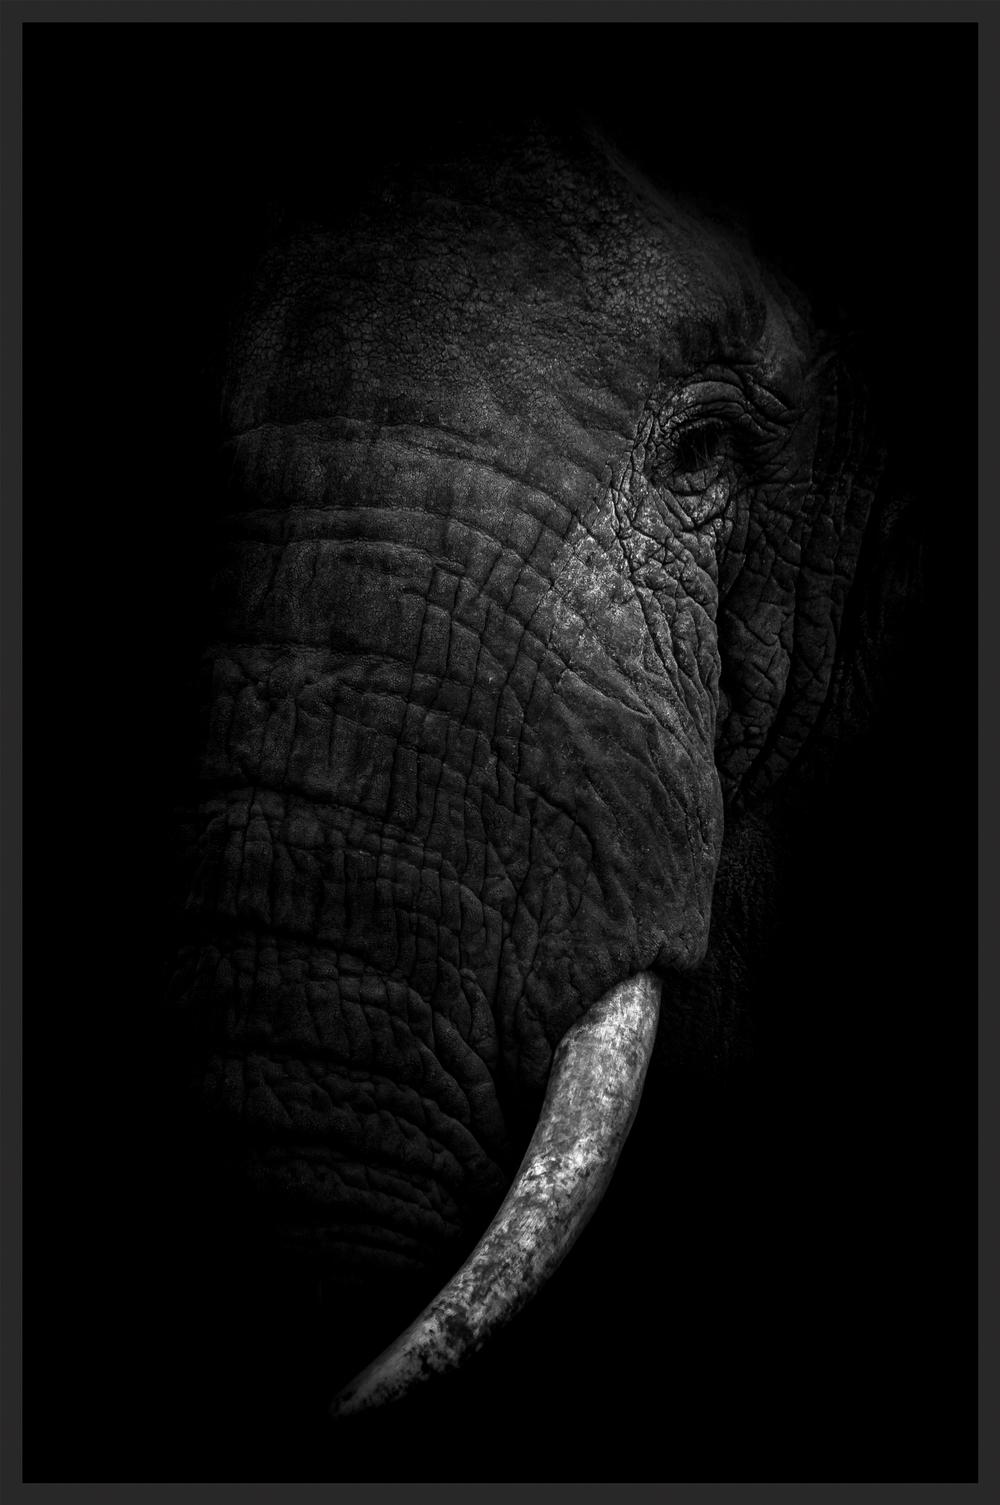 ELEPHANT'S EXTINCTION